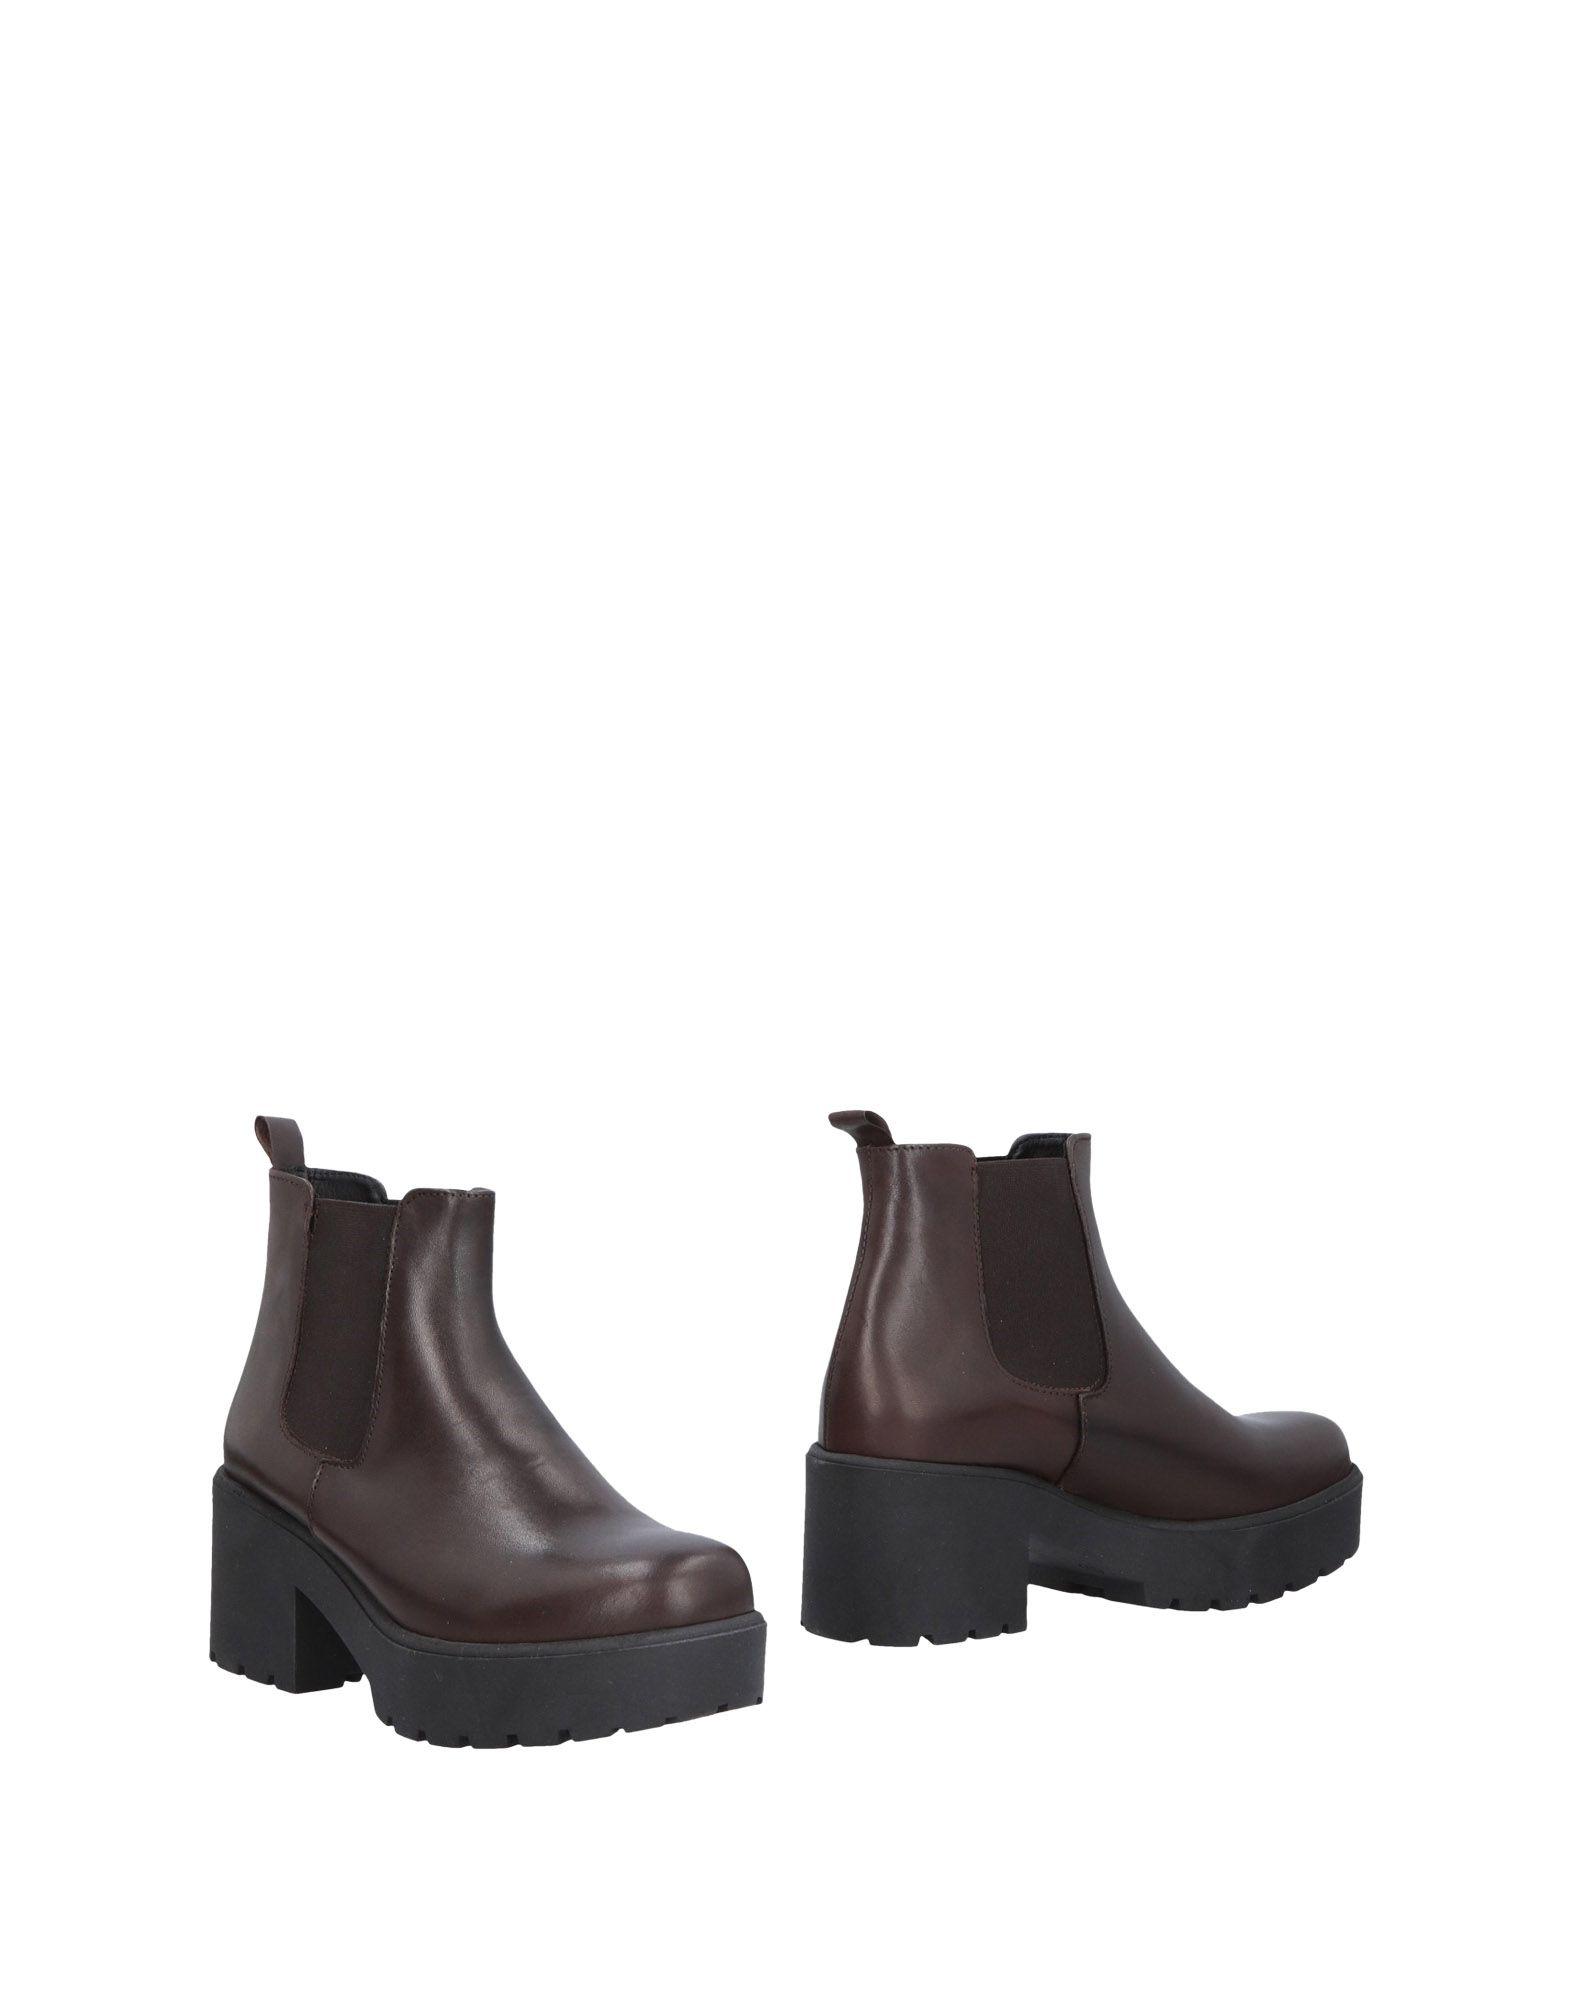 Unlace Chelsea Boots Damen  Schuhe 11471595XL Gute Qualität beliebte Schuhe  37fe7d